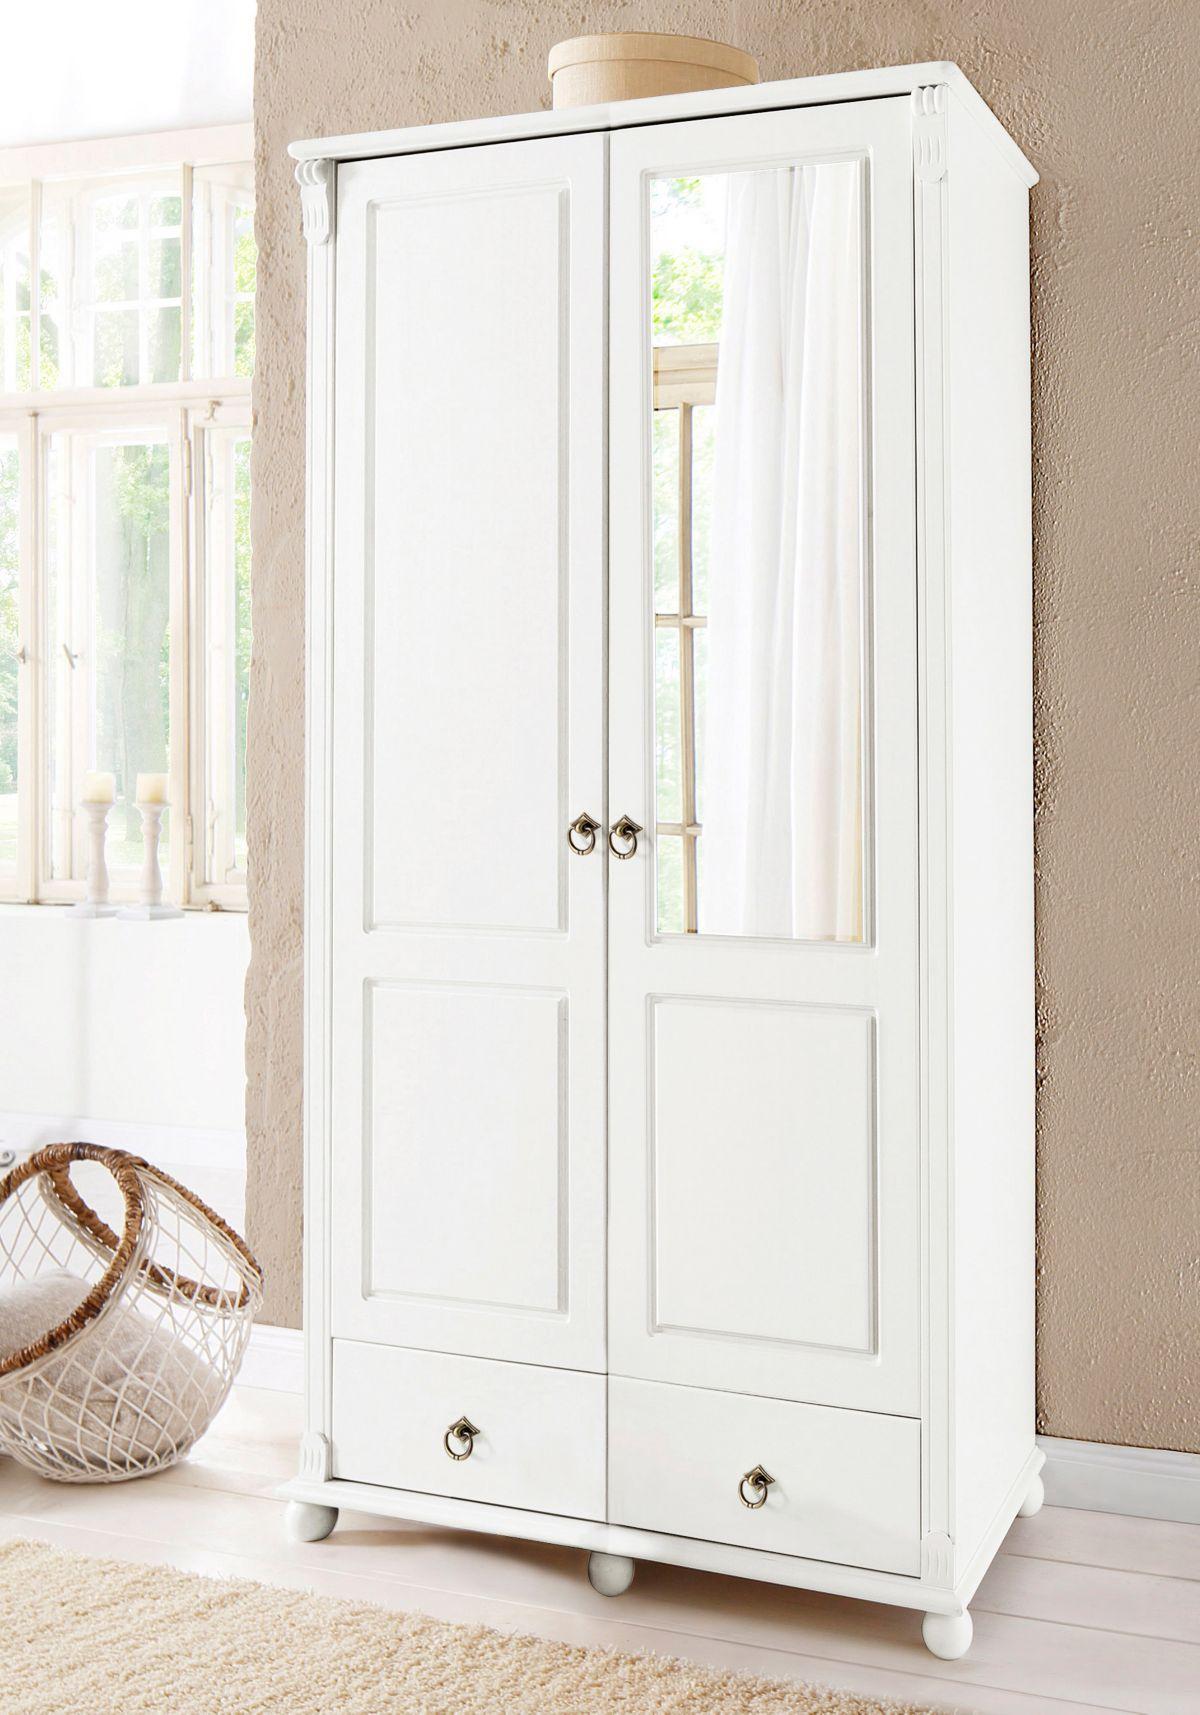 highboard serie tessin billig kaufen. Black Bedroom Furniture Sets. Home Design Ideas